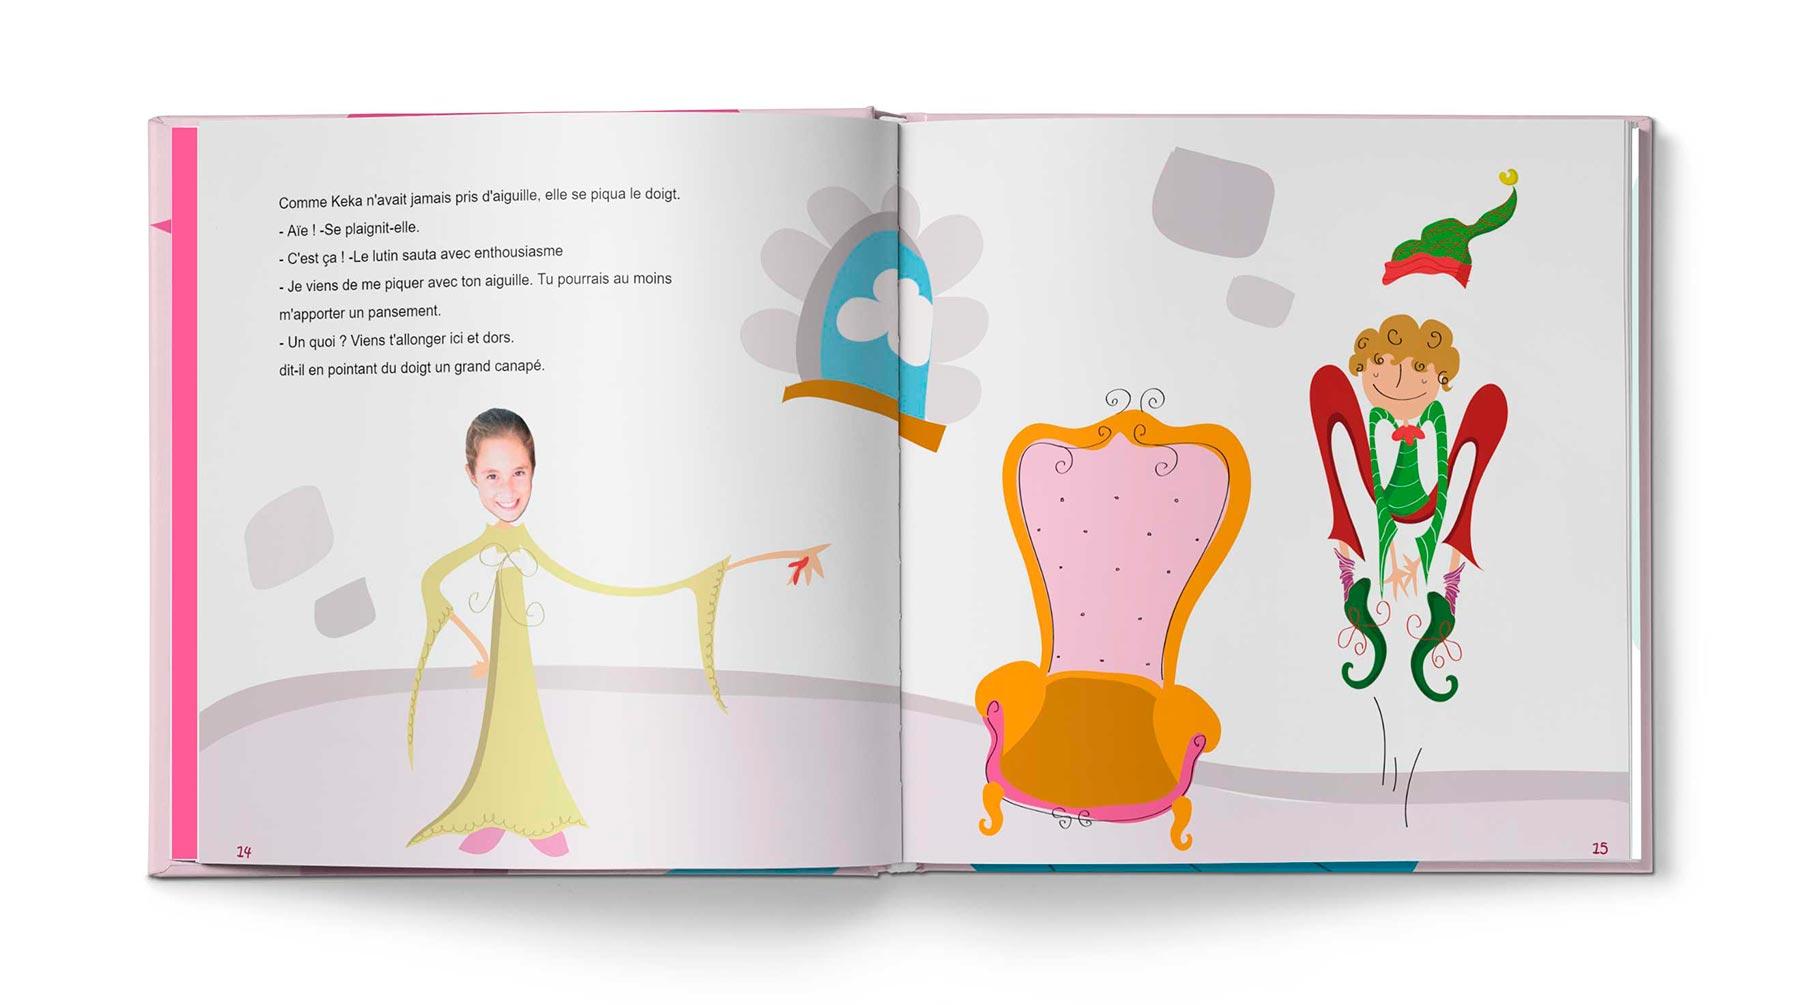 Histoire La princesse et le pansement - Image 7